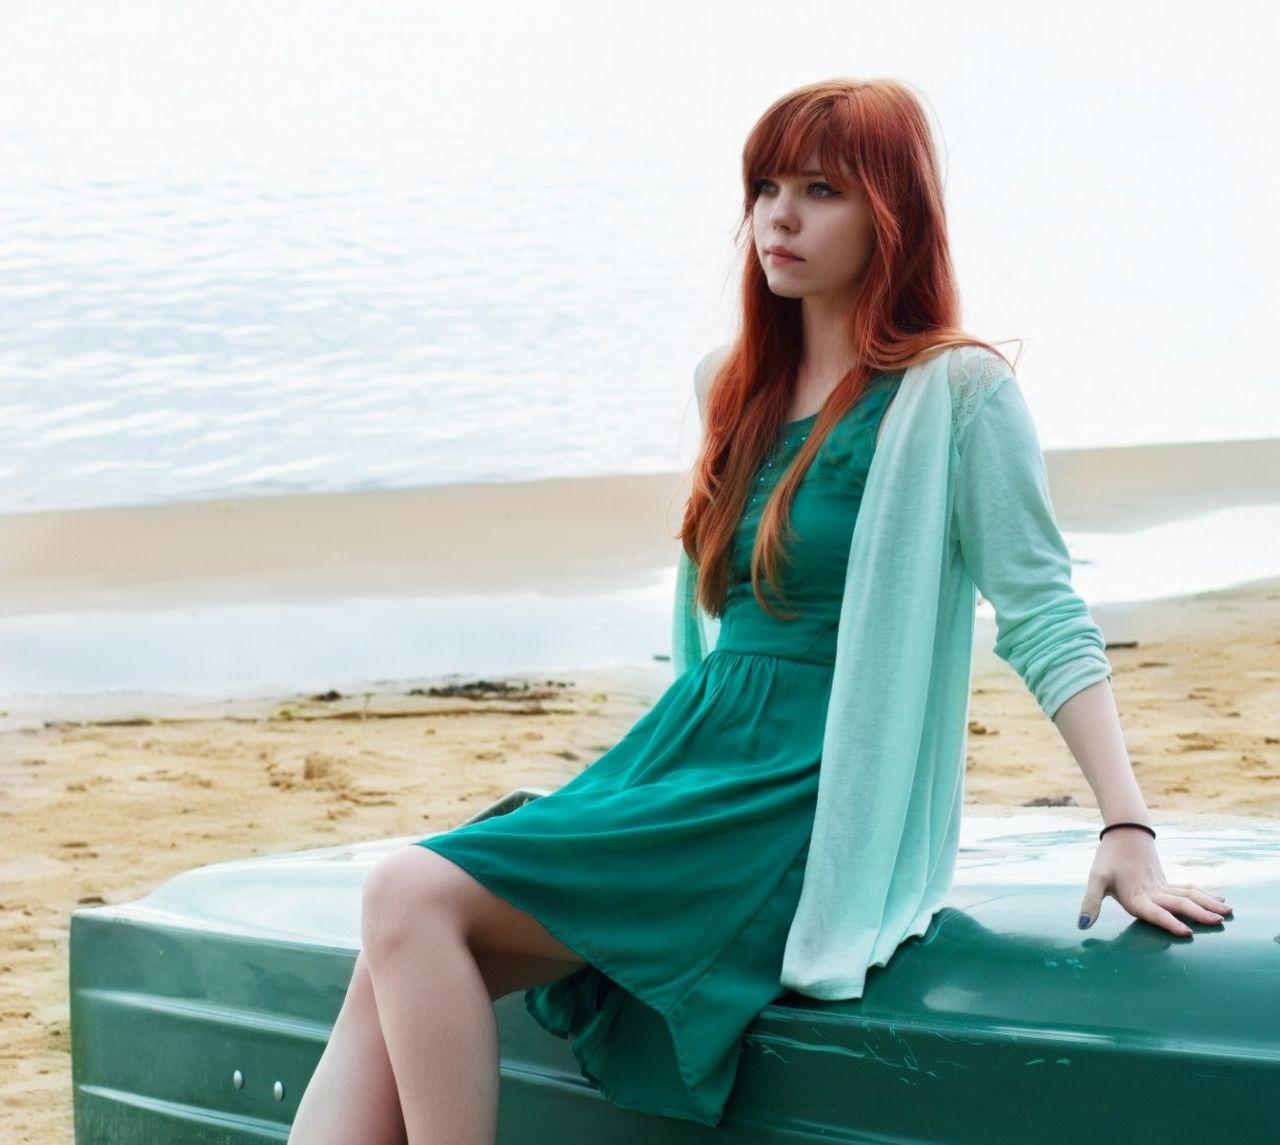 Beautiful stock photos of retro, Bangs, Beach, Beautiful People, Beautiful Woman